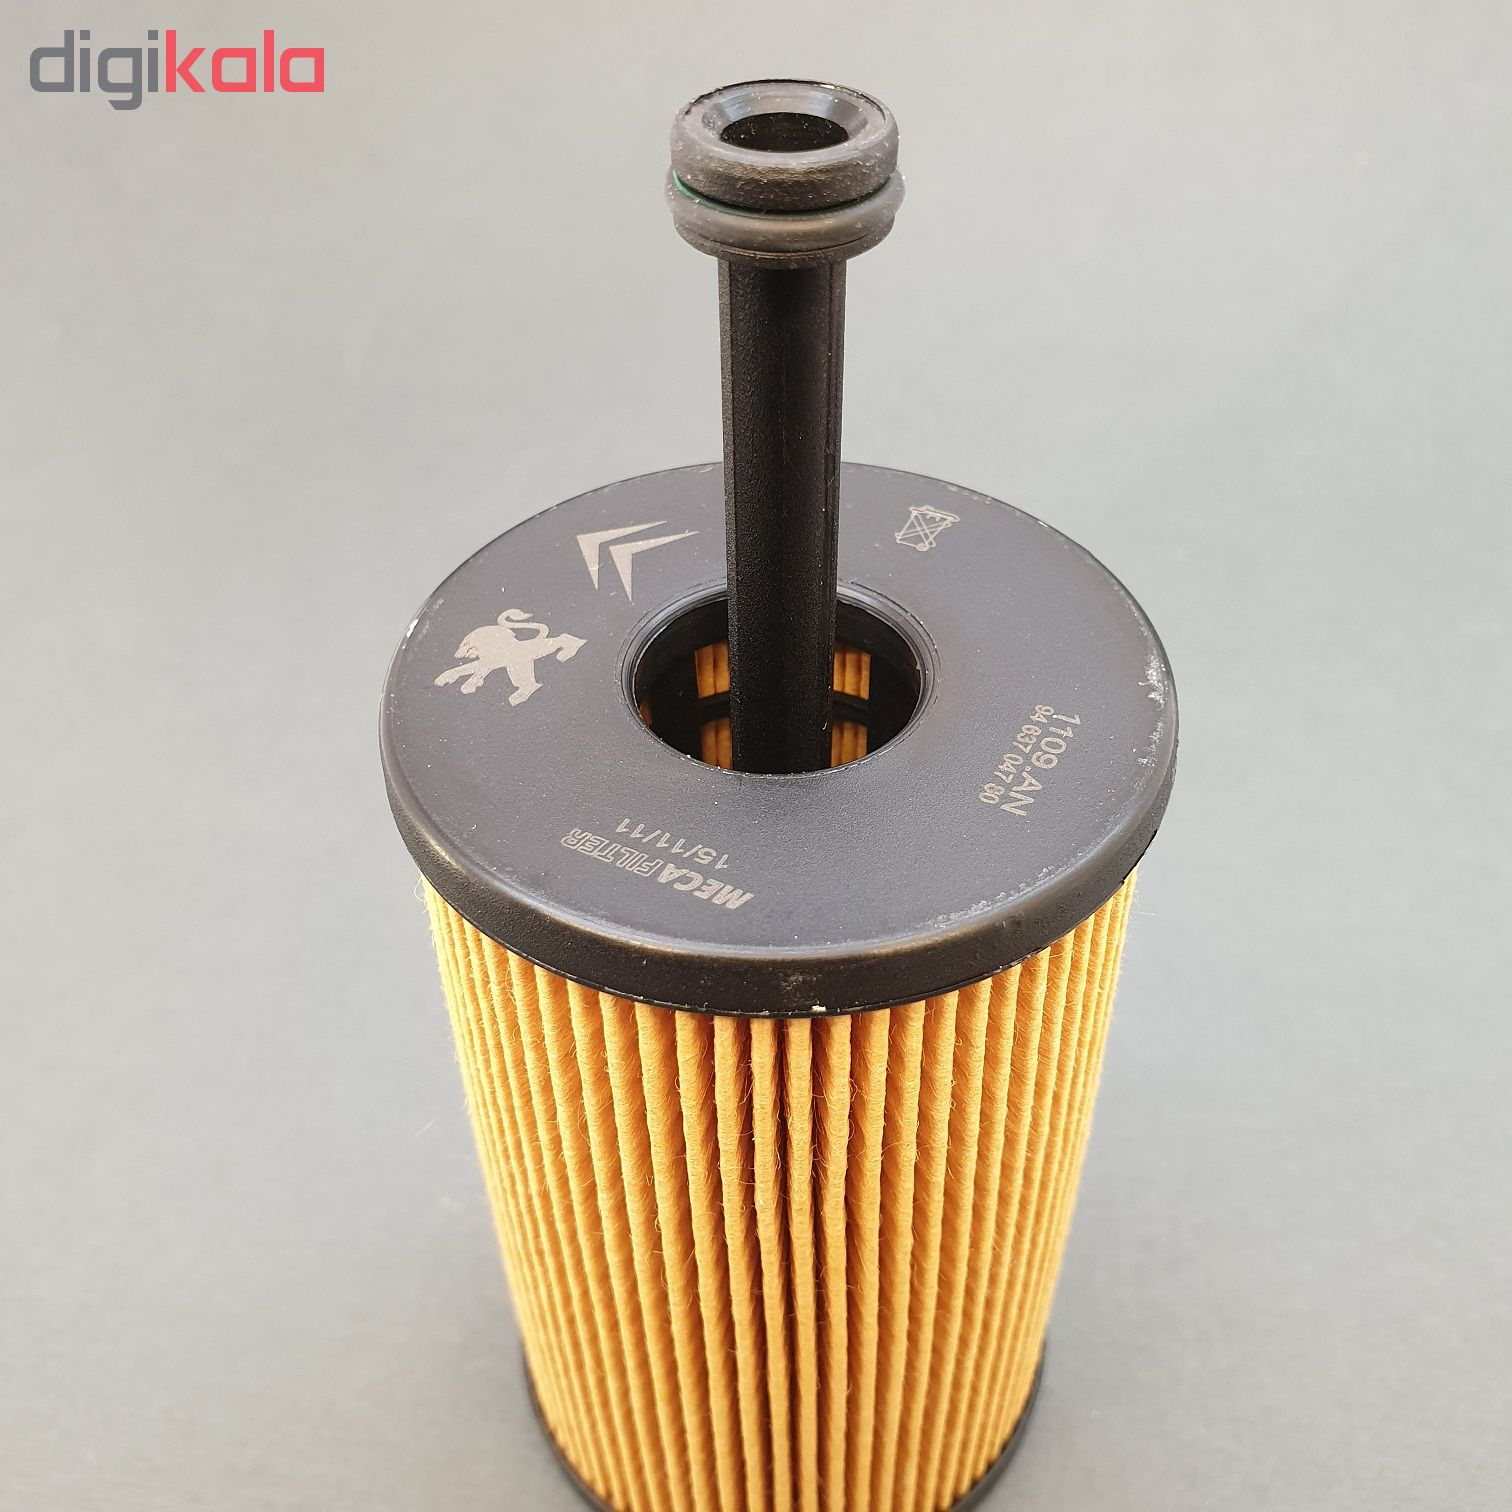 فیلتر روغن خودرو پژو سیتروئن کد 124020 مناسب برای پژو 206